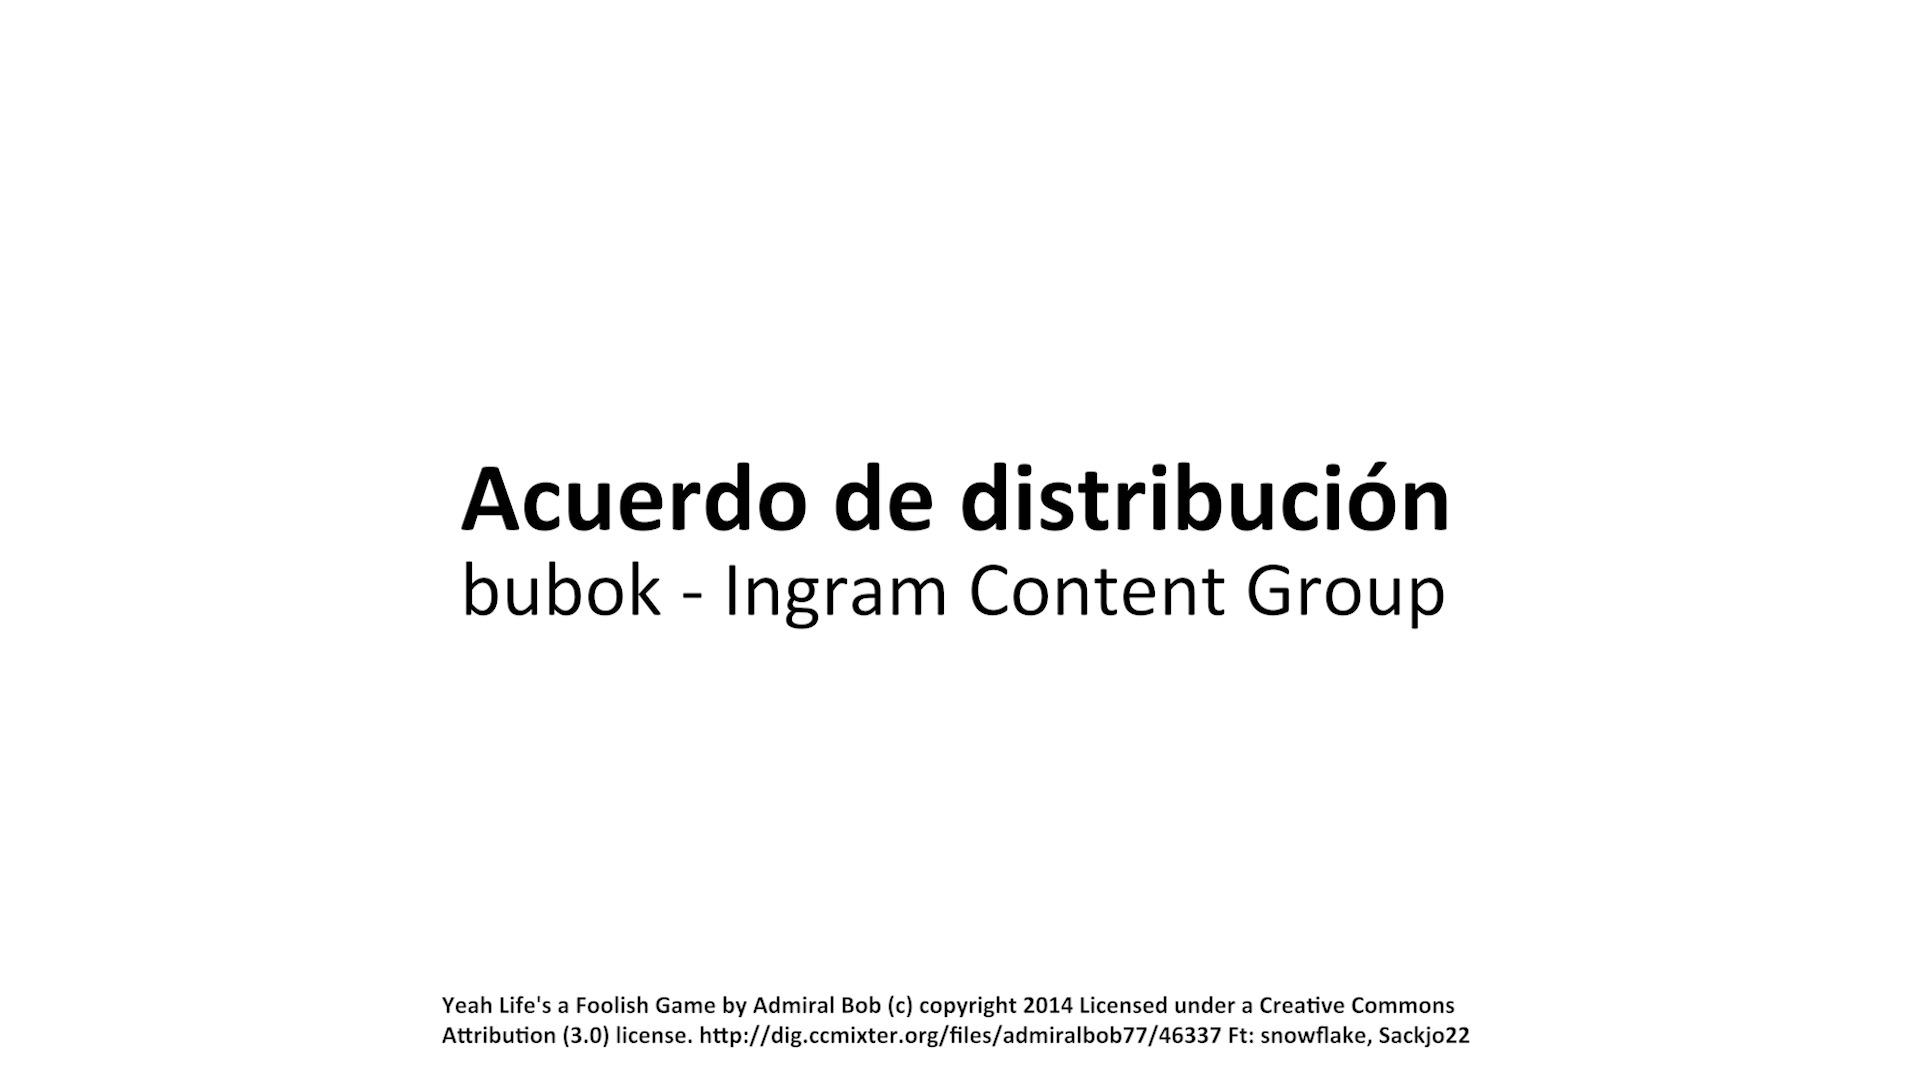 Nuevo acuerdo de distribución con Ingram